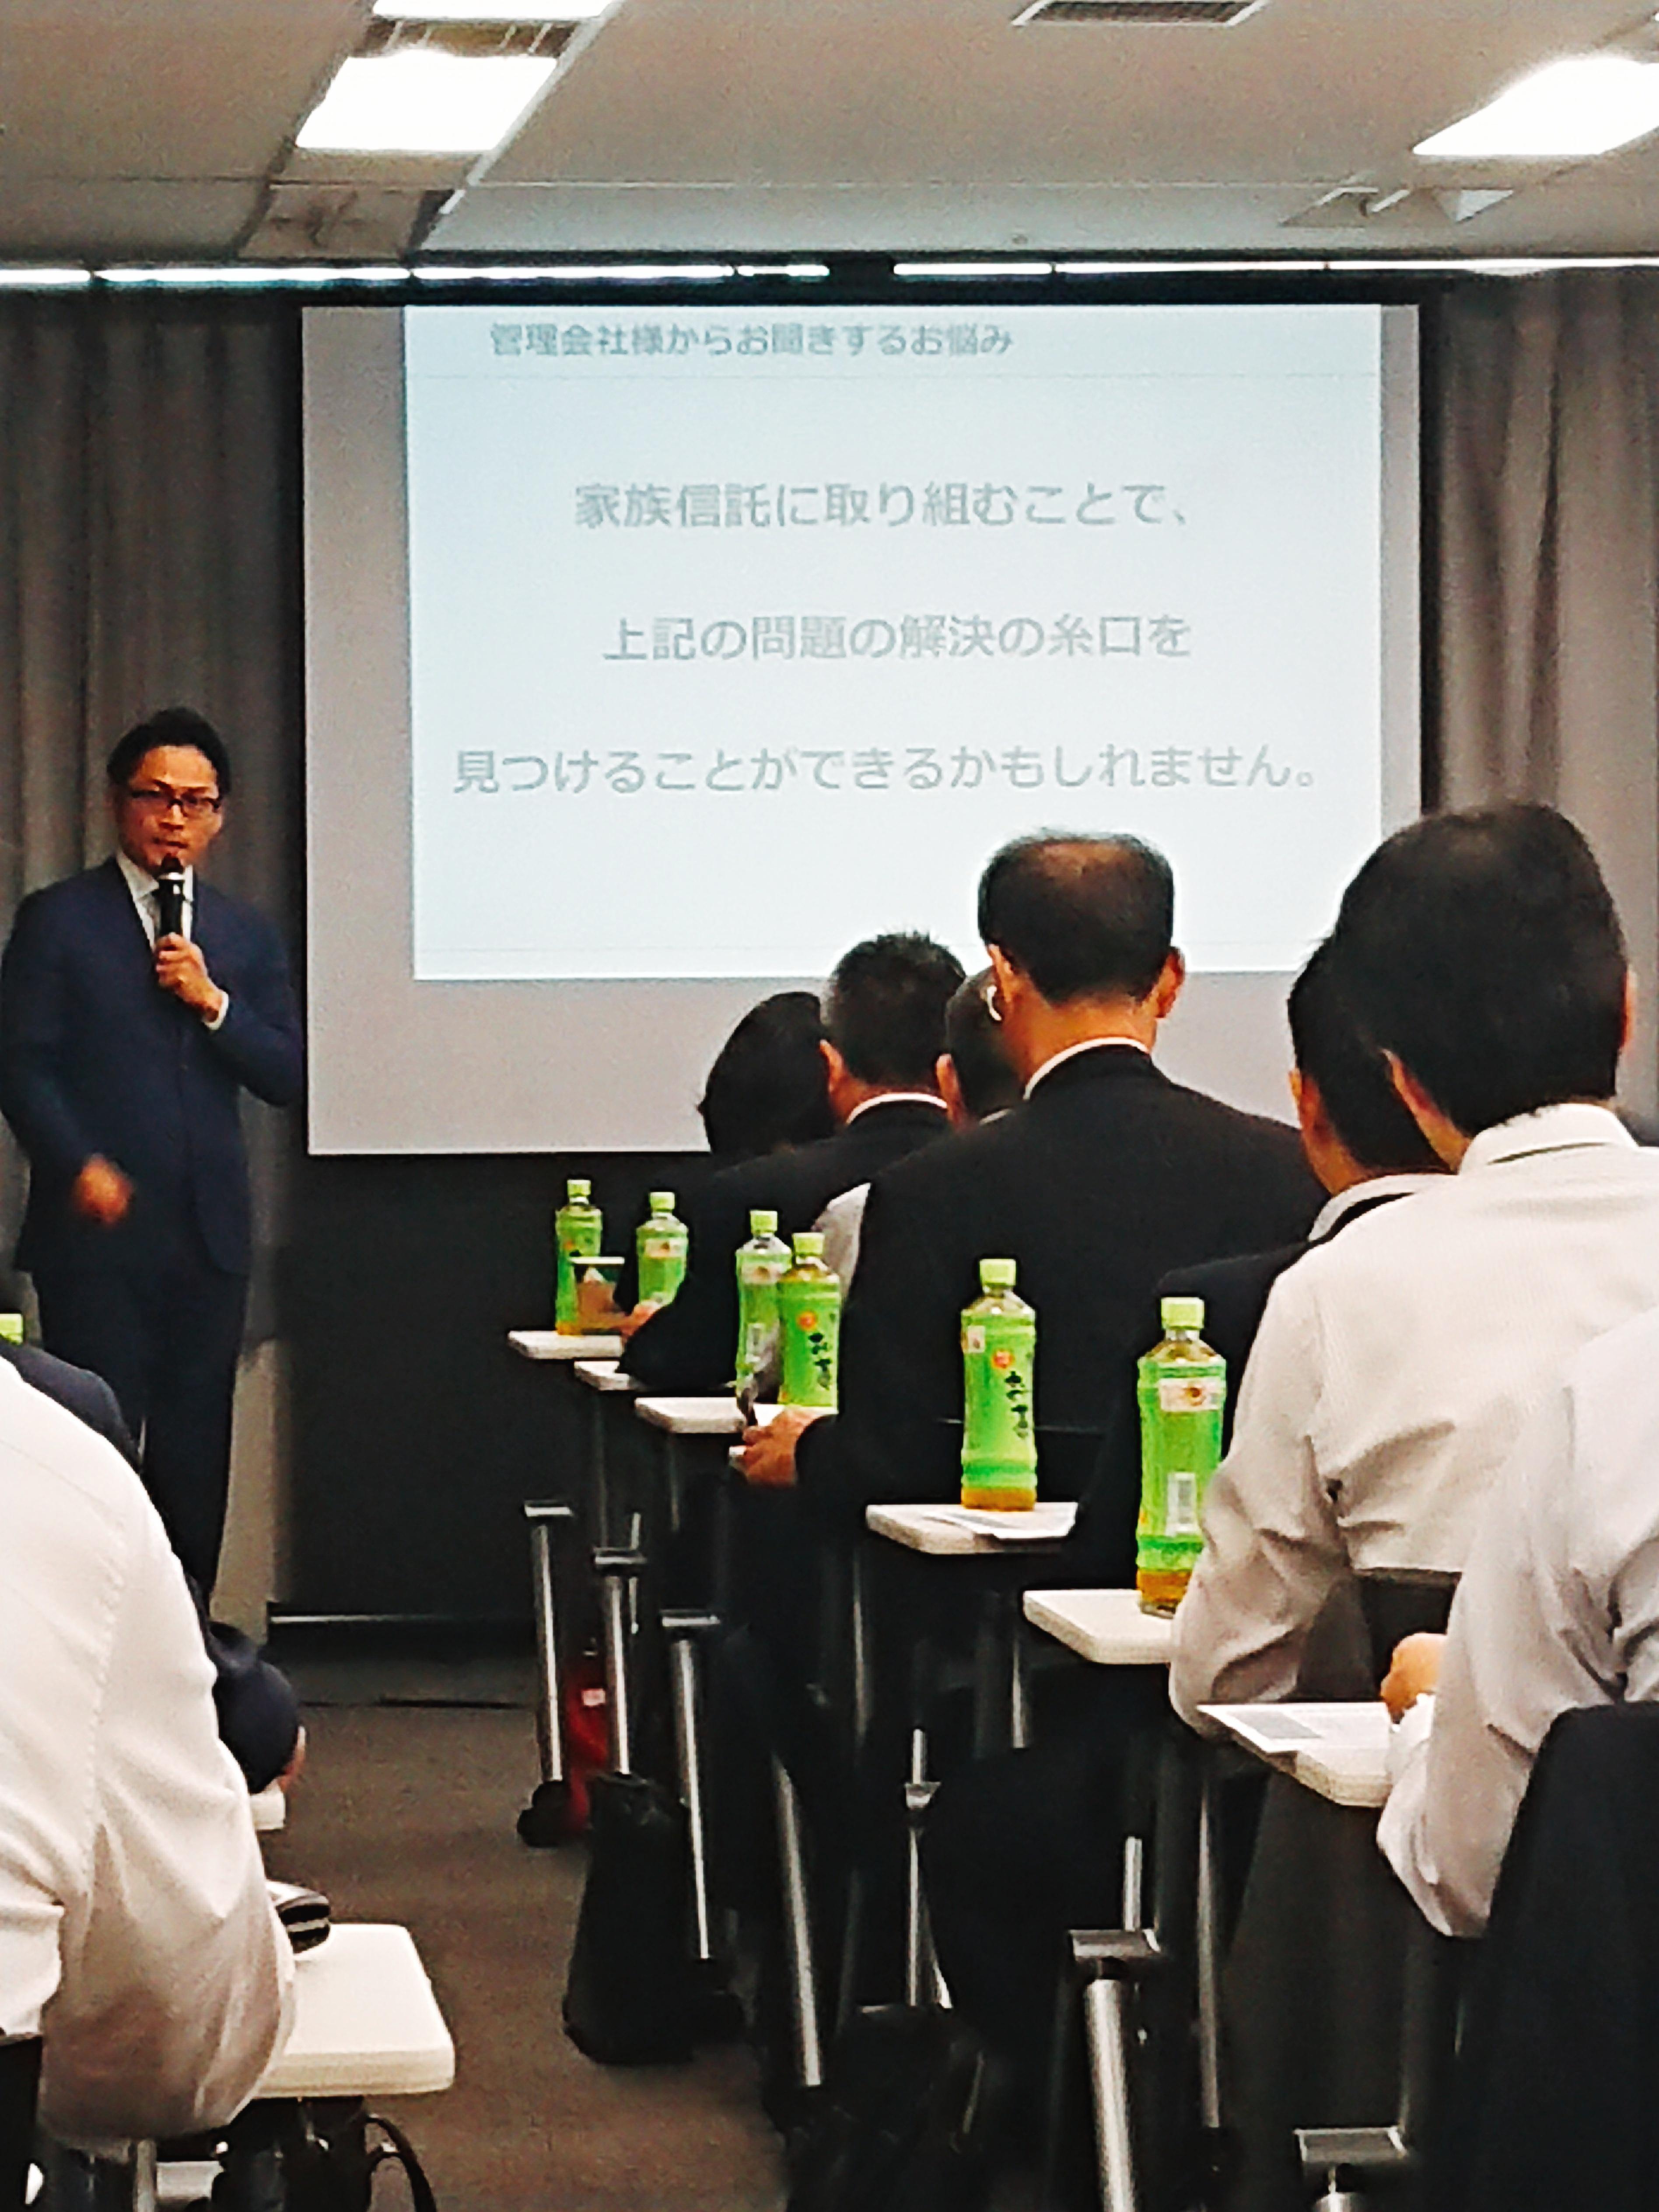 セミナー開催報告の画像